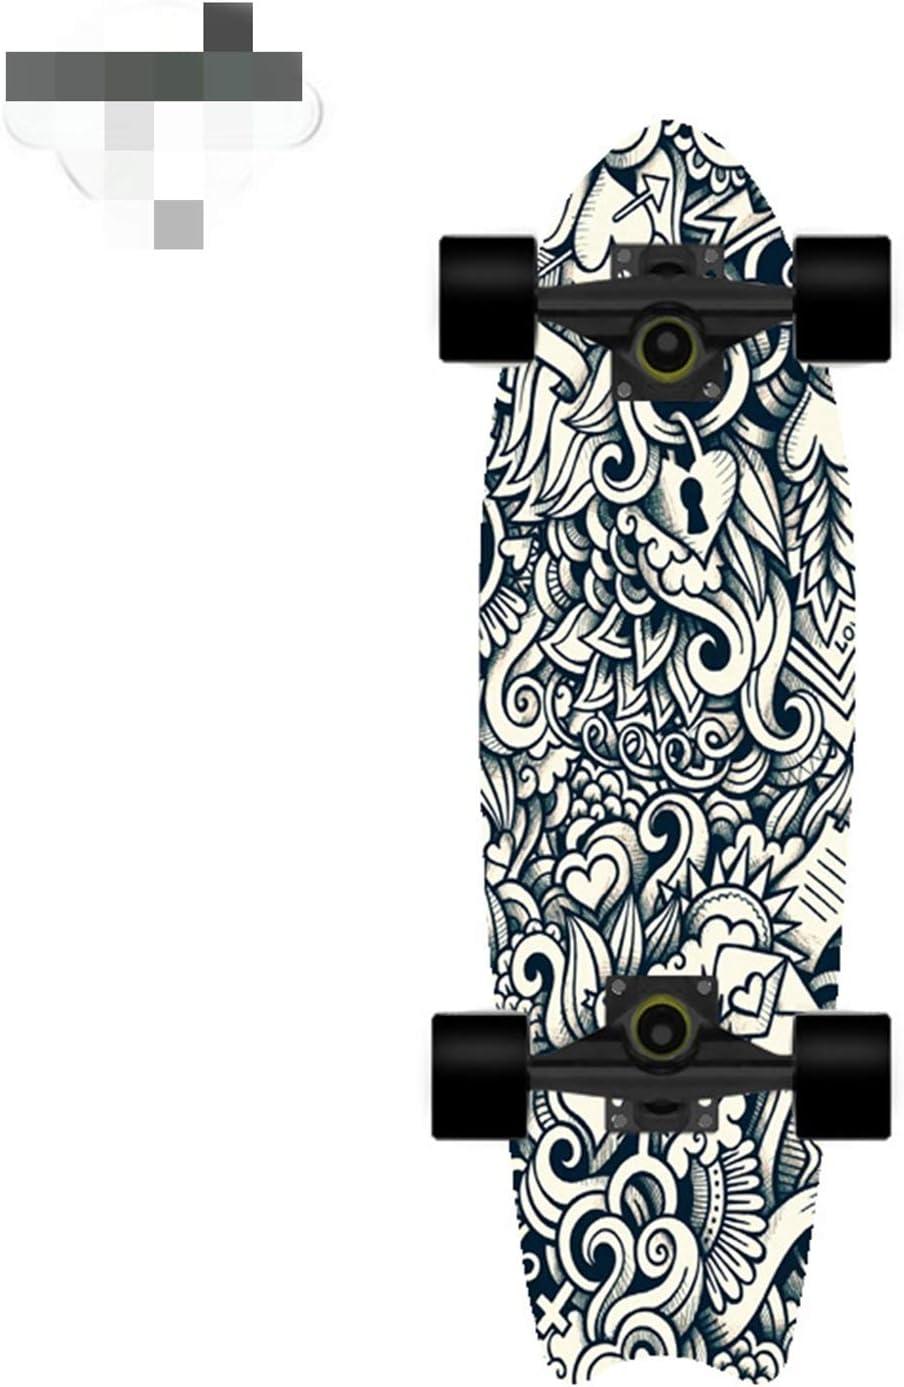 EKRPN Selling rankings Skateboard Gorgeous Surfboard Beginner Exercise Str Brush